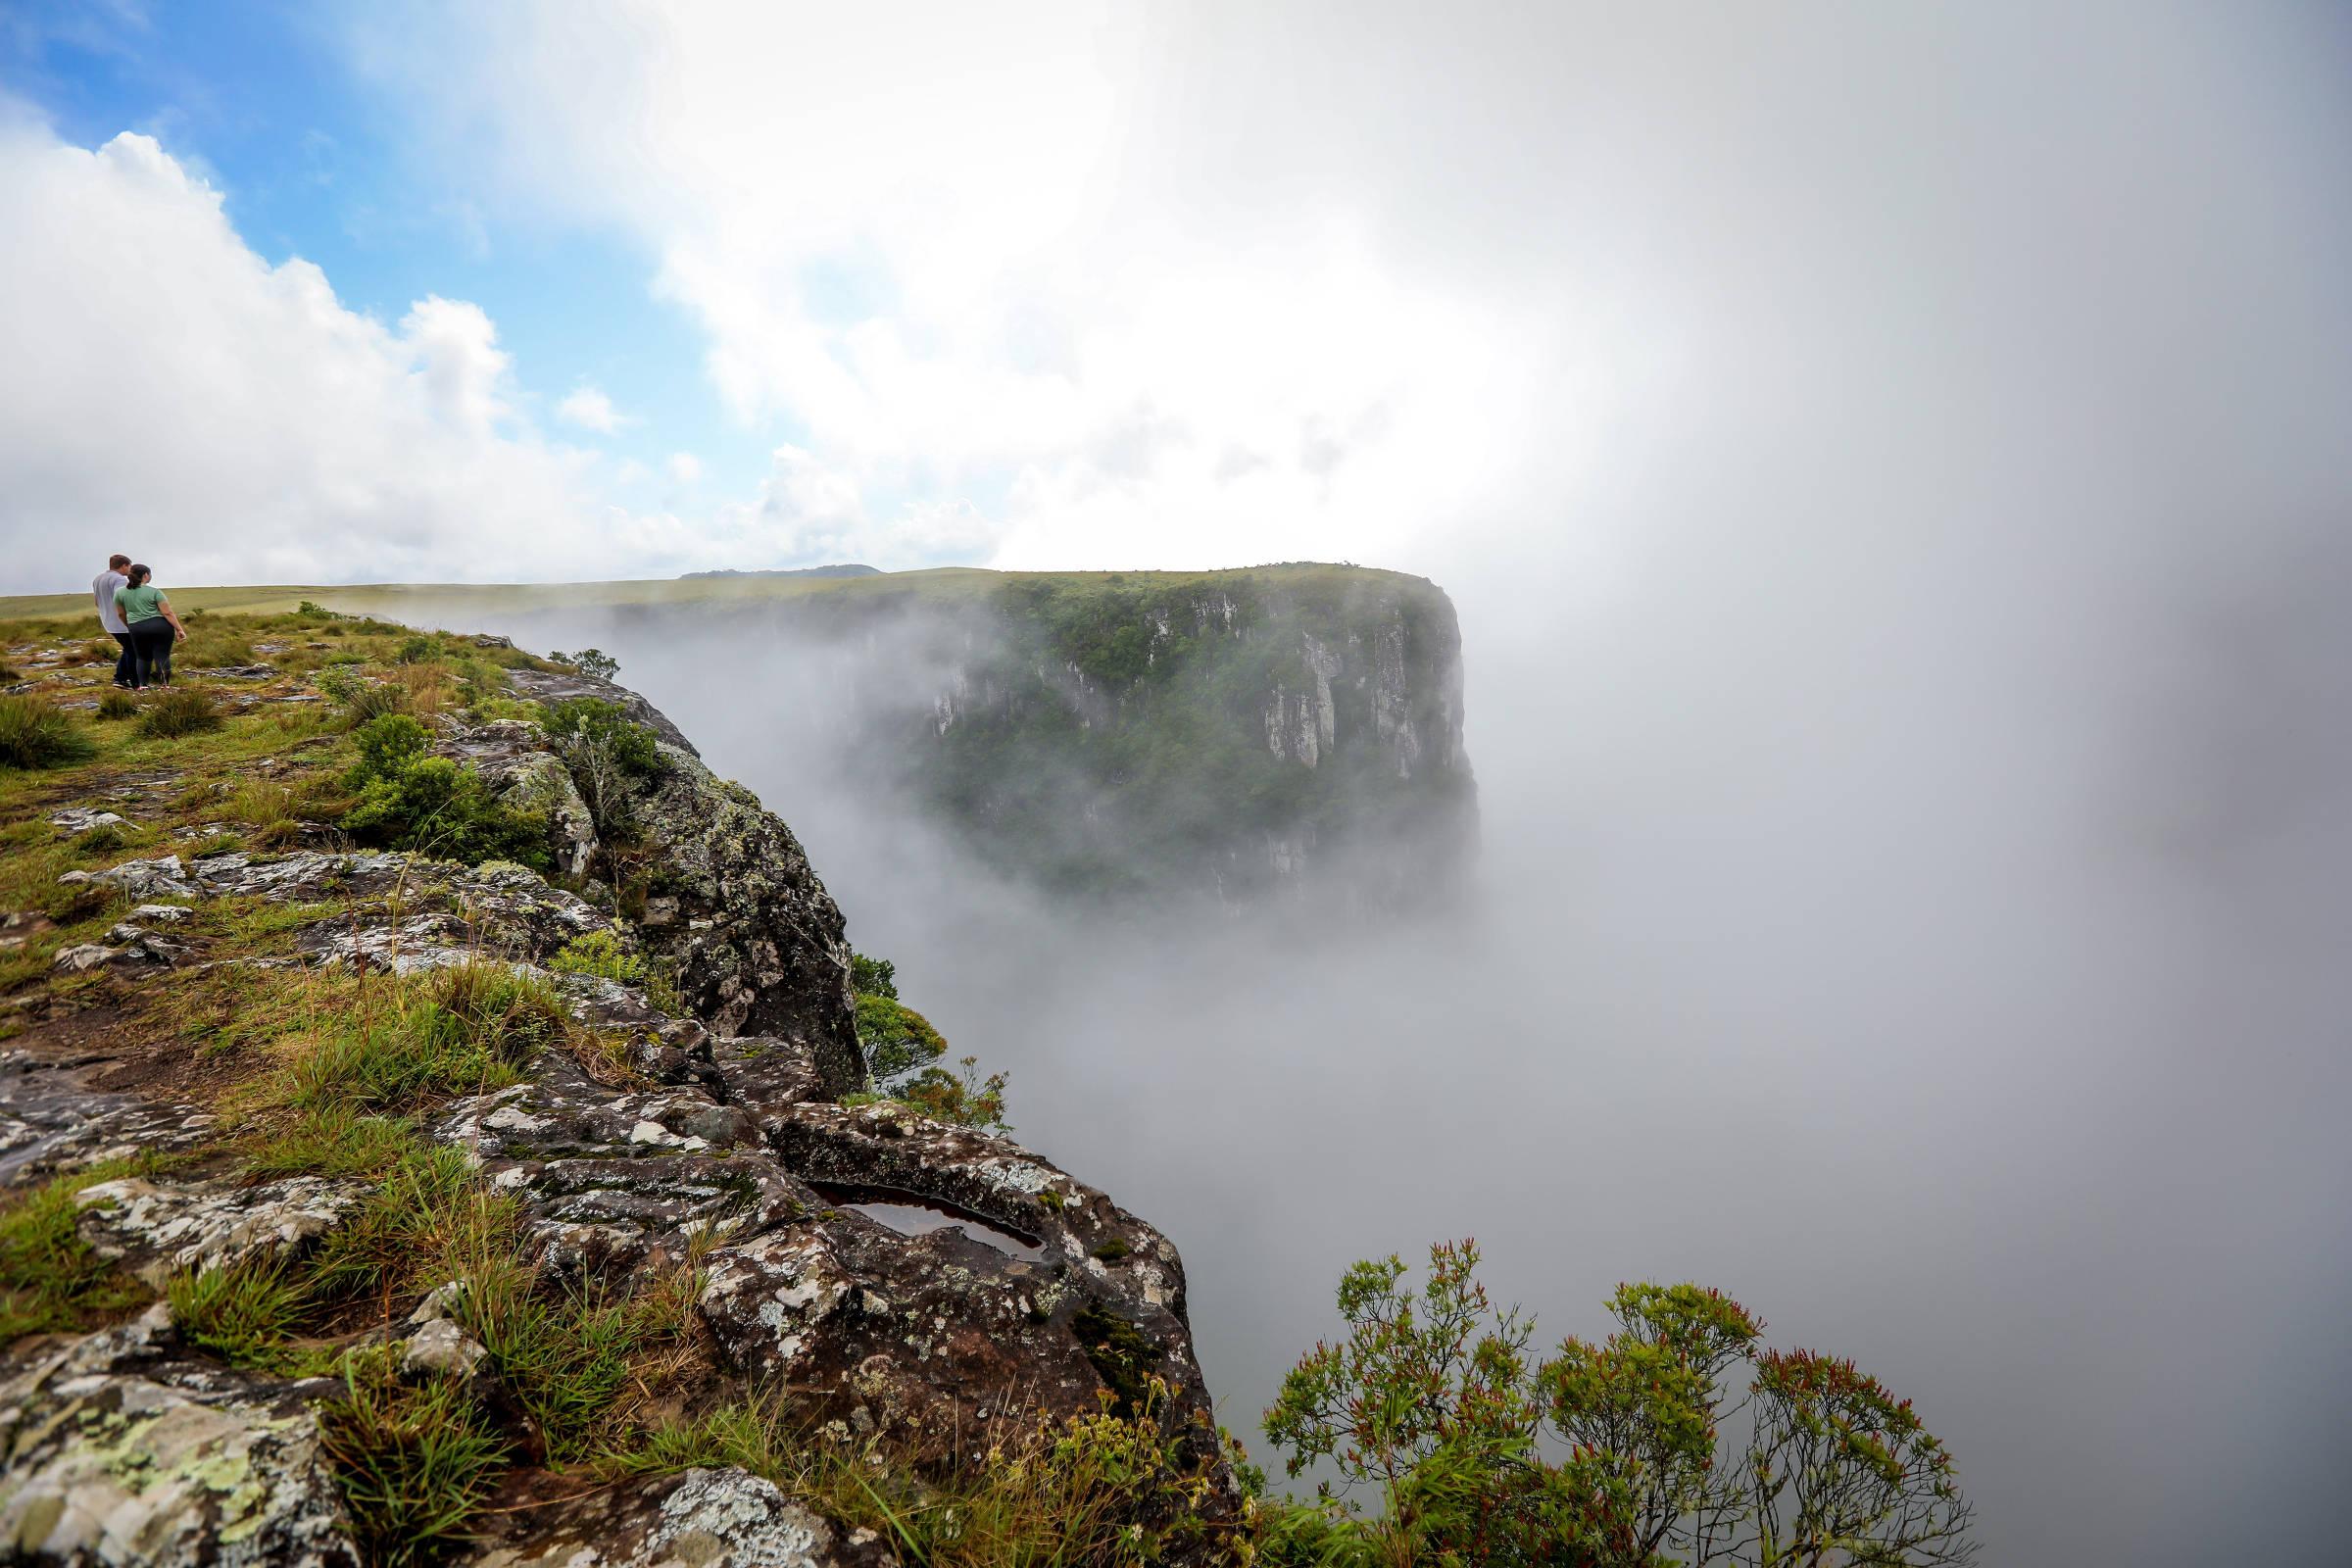 Ministério do Meio Ambiente realiza 1º leilão de parques nacionais com  proposta de R$ 20 milhões - 11/01/2021 - Ambiente - Folha